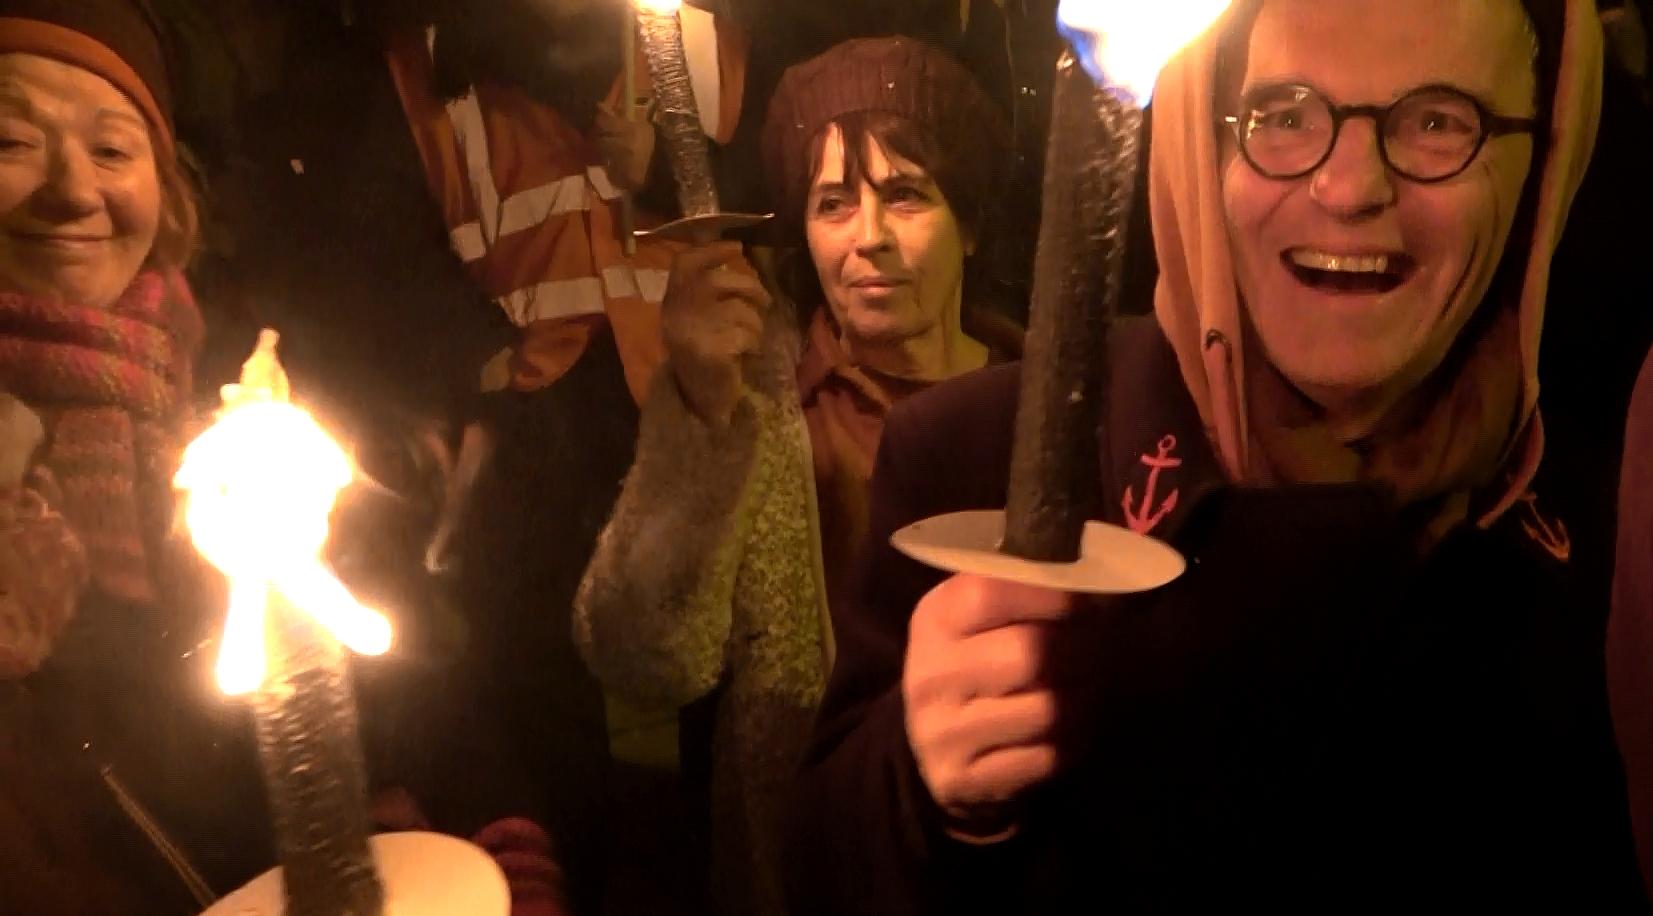 Retraite flambeaux Lannion voeux Lannion Trégor CommunautéRetraite flambeaux Lannion voeux Lannion Trégor Communauté